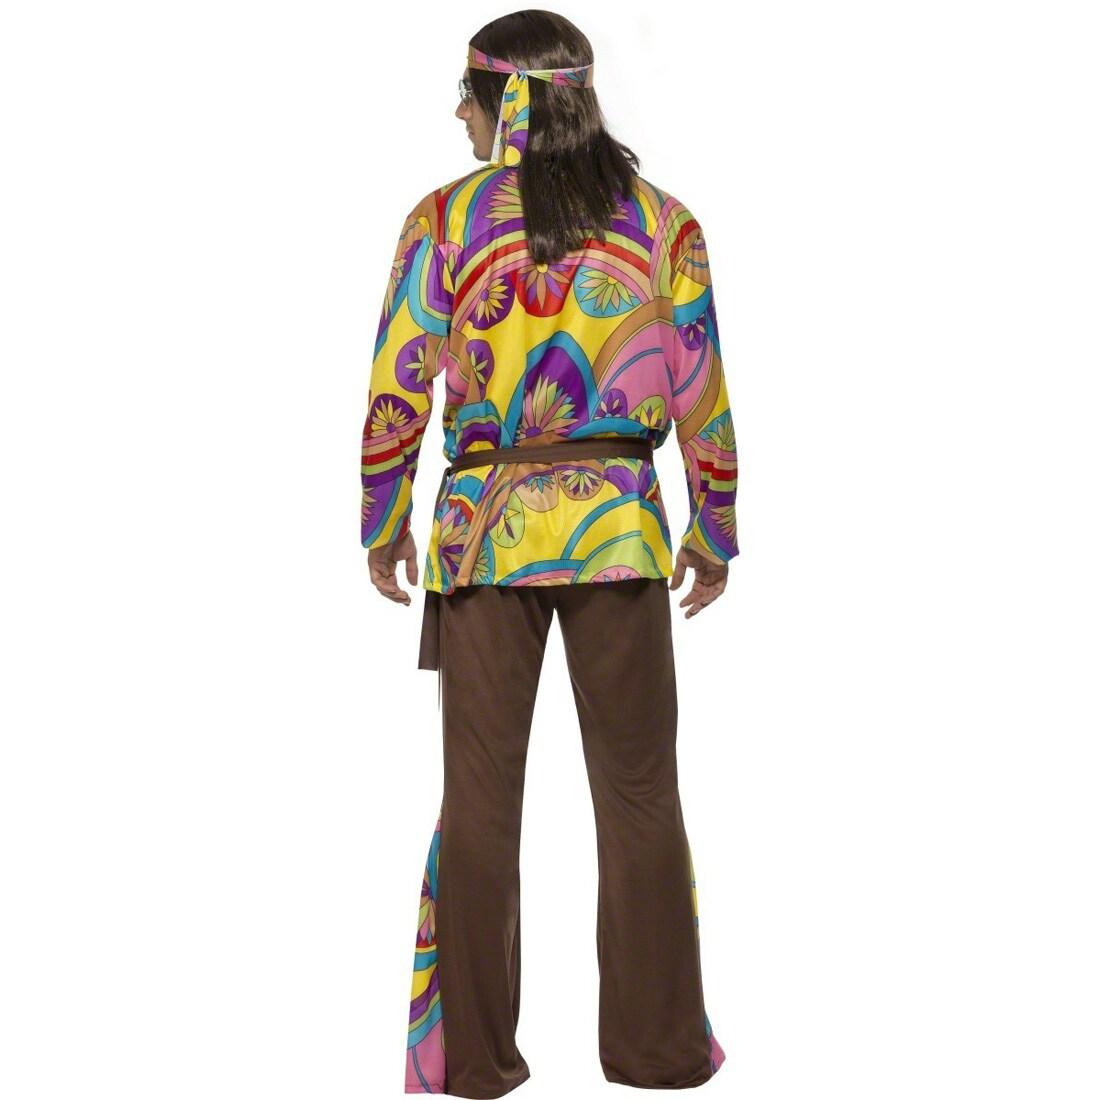 Hippie Kostum Herren L 52 54 Hippiekostum Flower Power Verkleidung